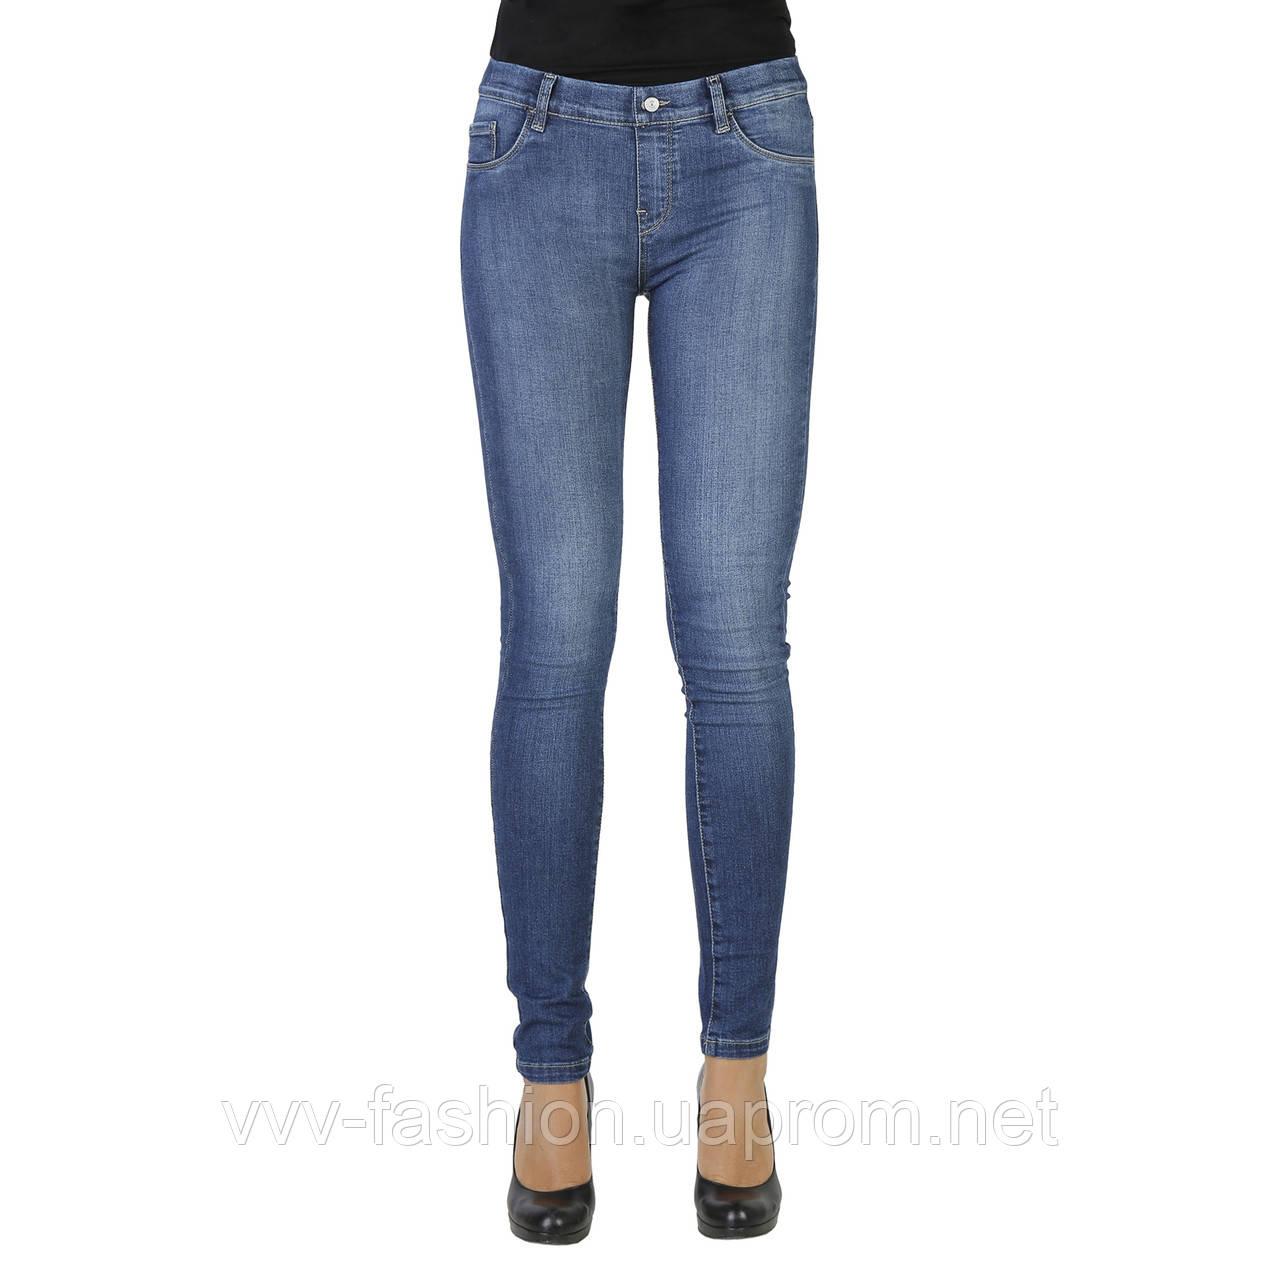 Юбка Carrera Jeans L — в Категории